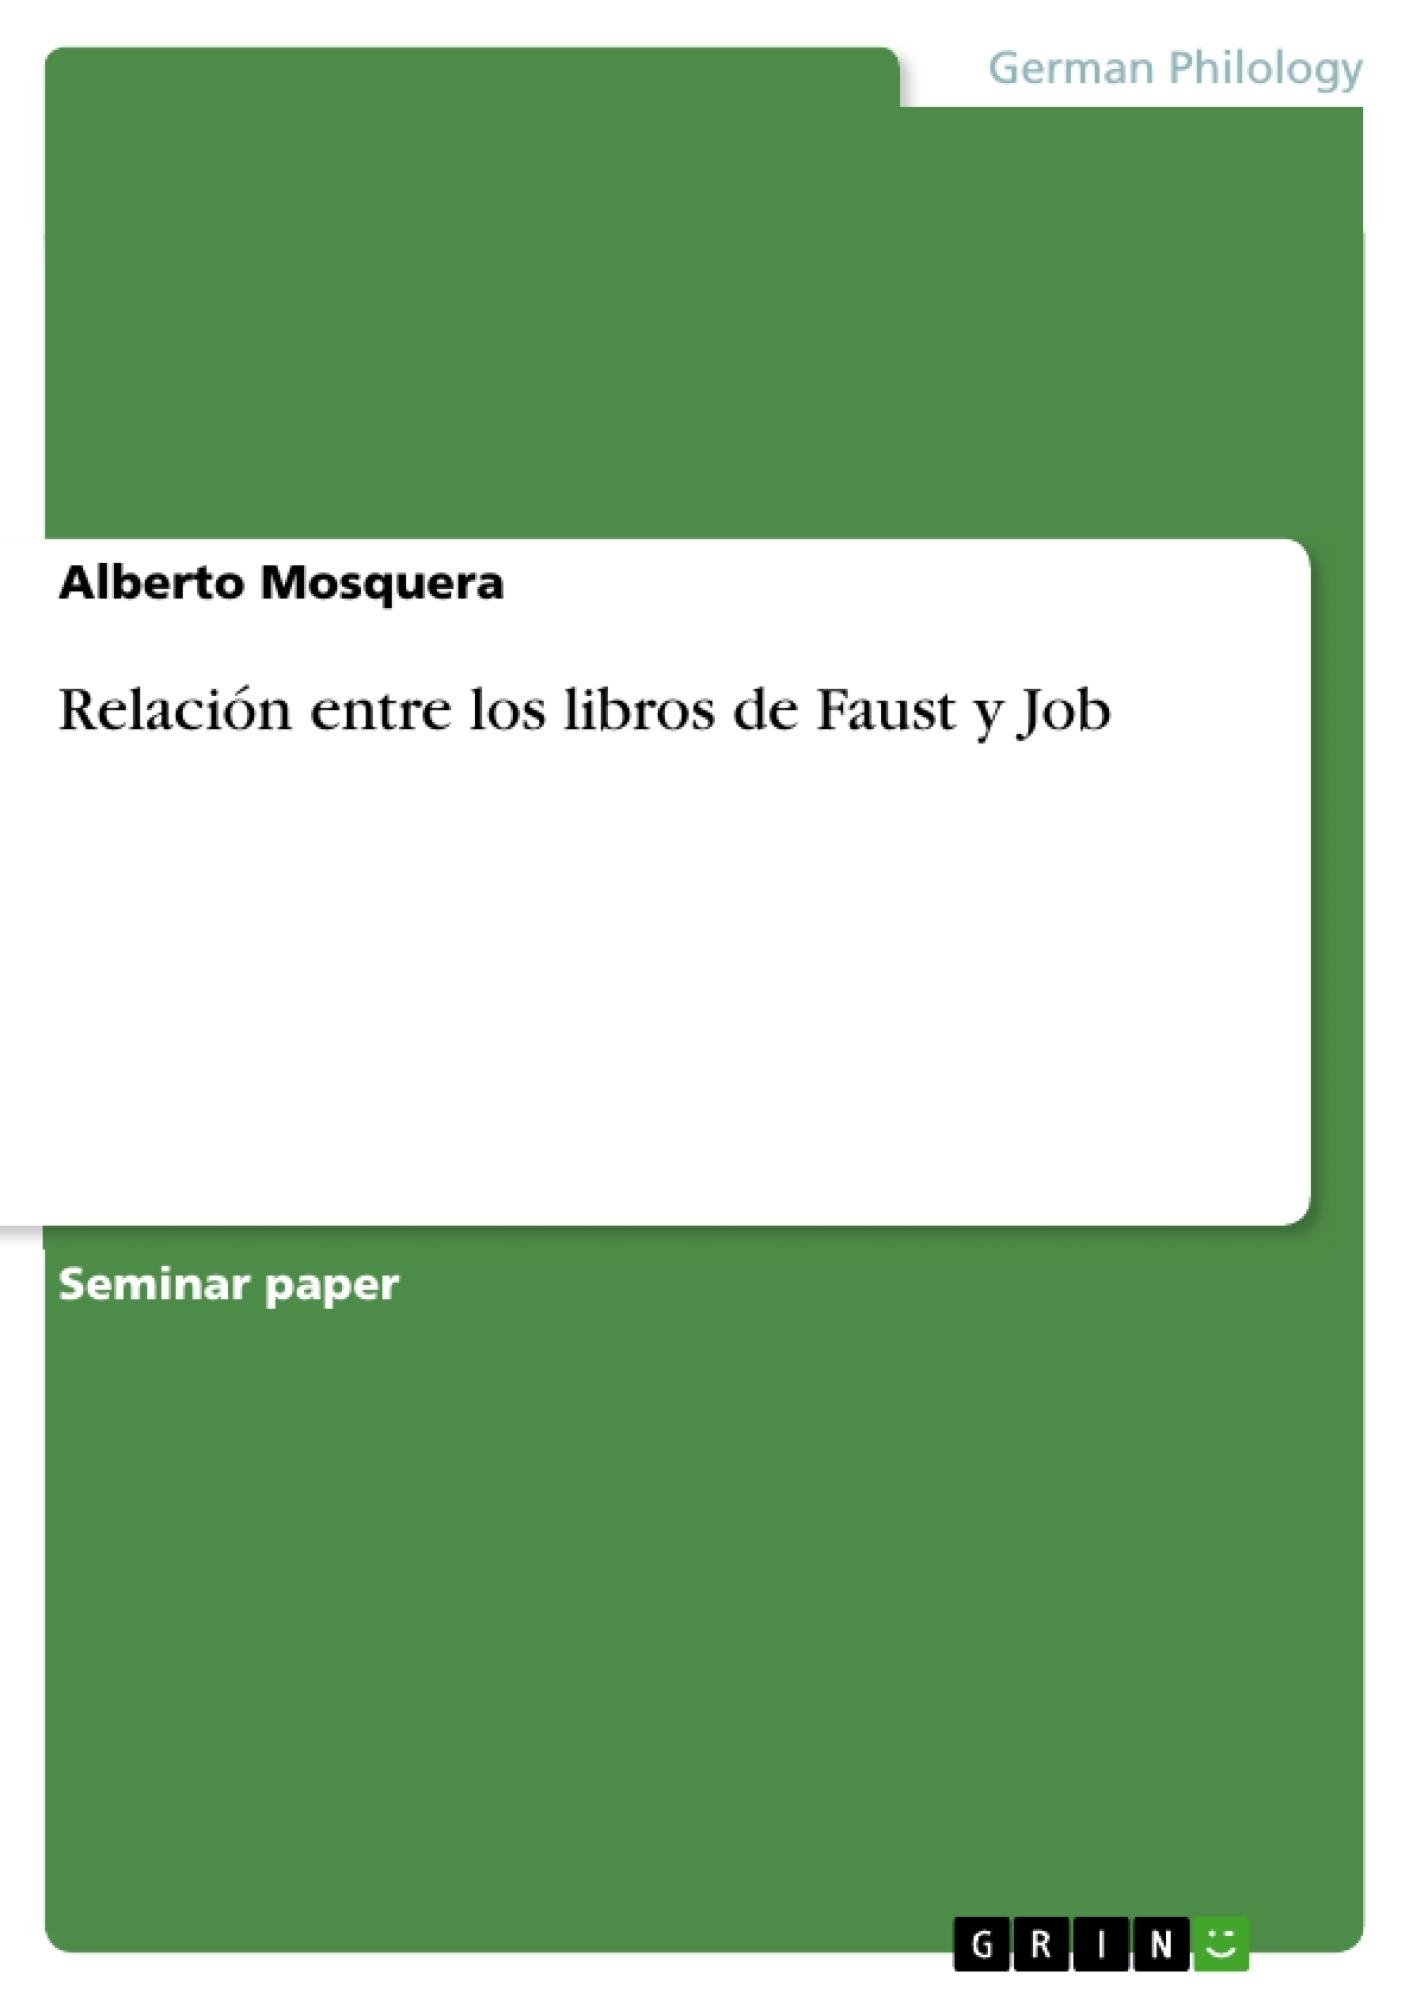 Título: Relación entre los libros de Faust y Job